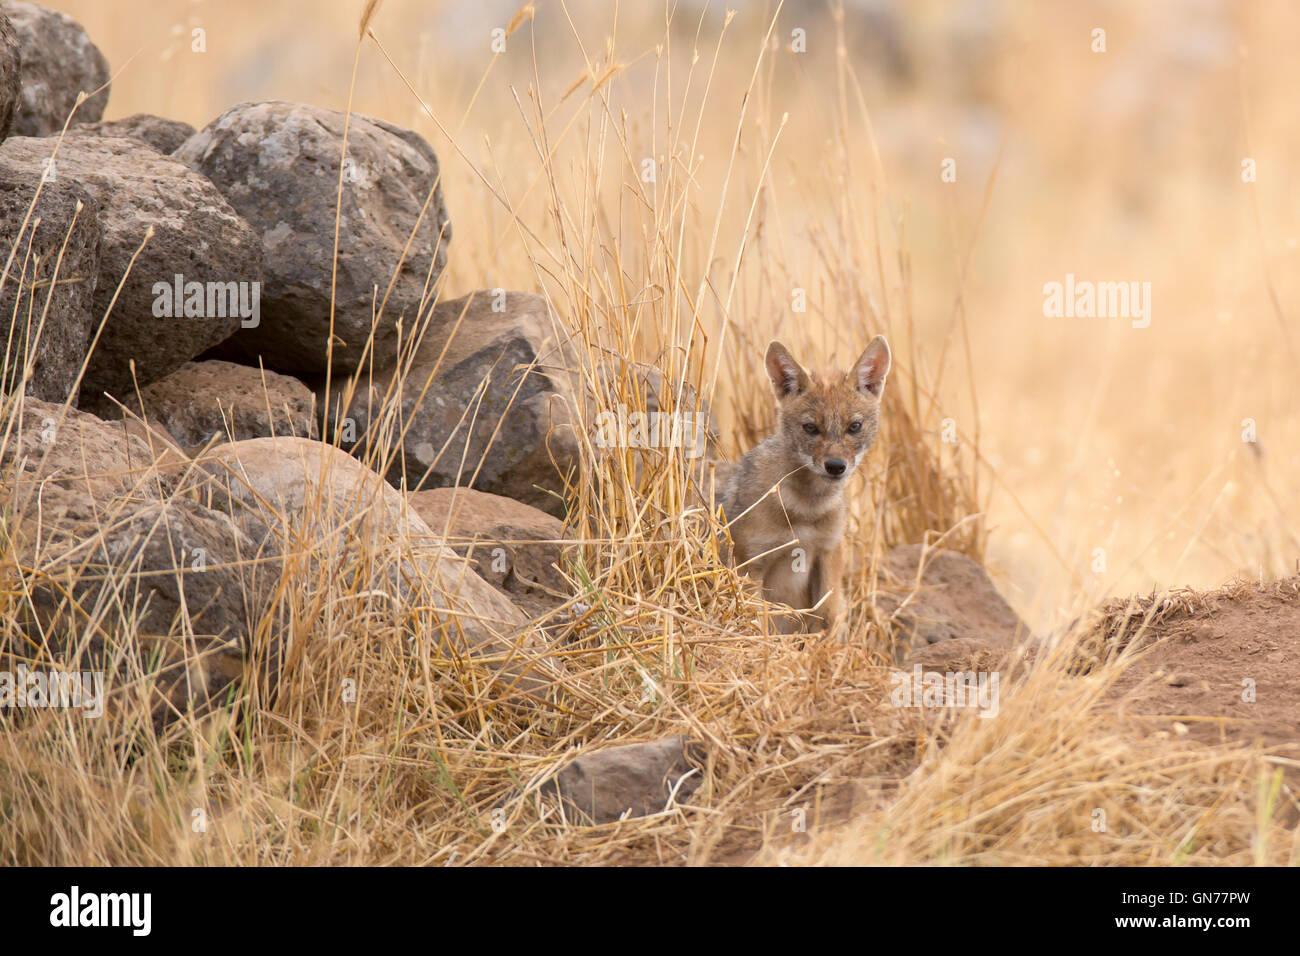 Cub d'un chacal doré (Canis aureus), également appelé l'asiatic, oriental ou chacal commun près de sa tanière, photographié en Israël je Banque D'Images